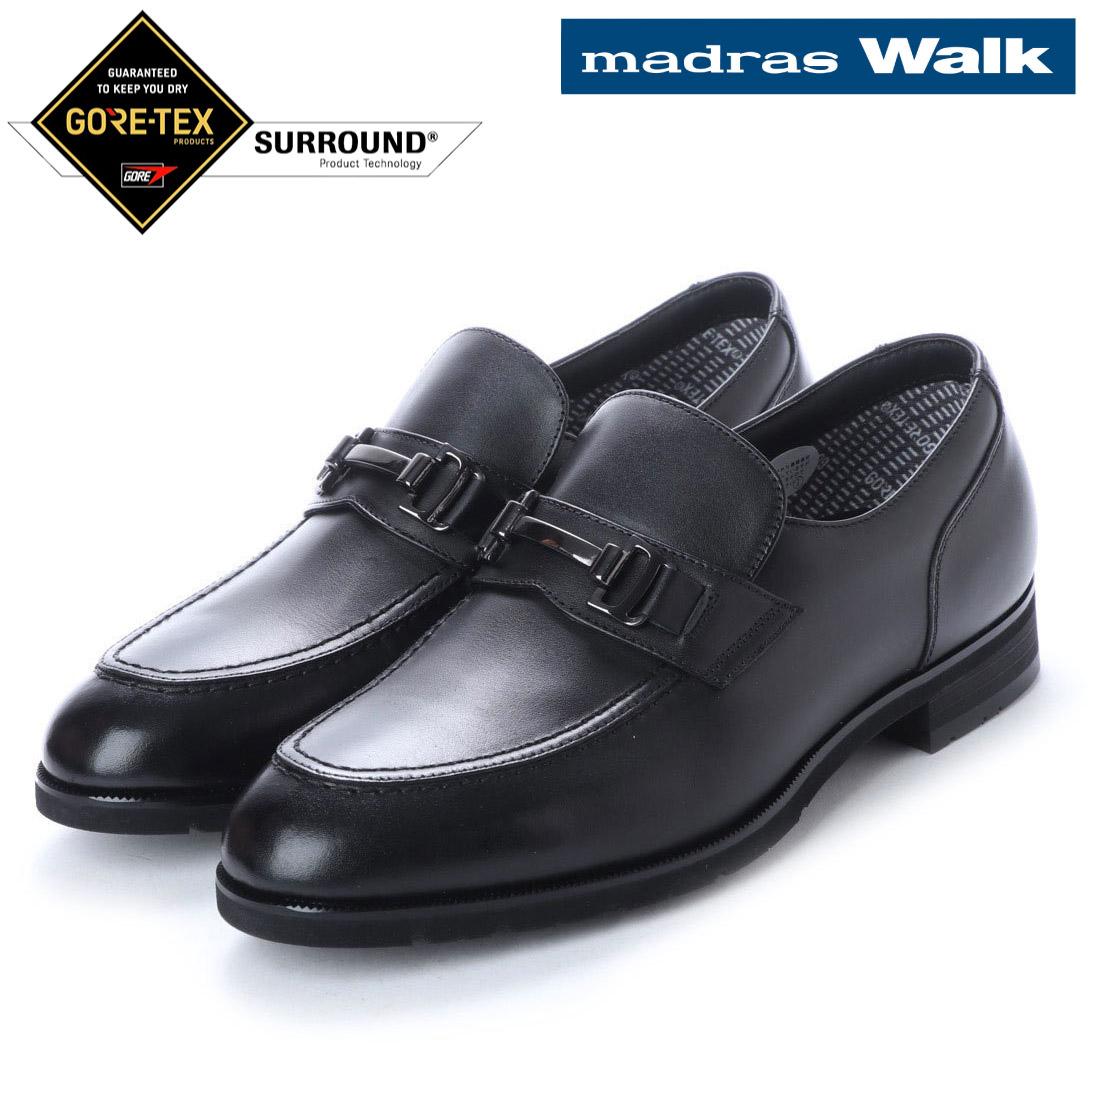 madras Walk マドラス スリッポン ビット ビジネス シューズ ゴアテックス MW5643S 防水 【nesh】 【新品】